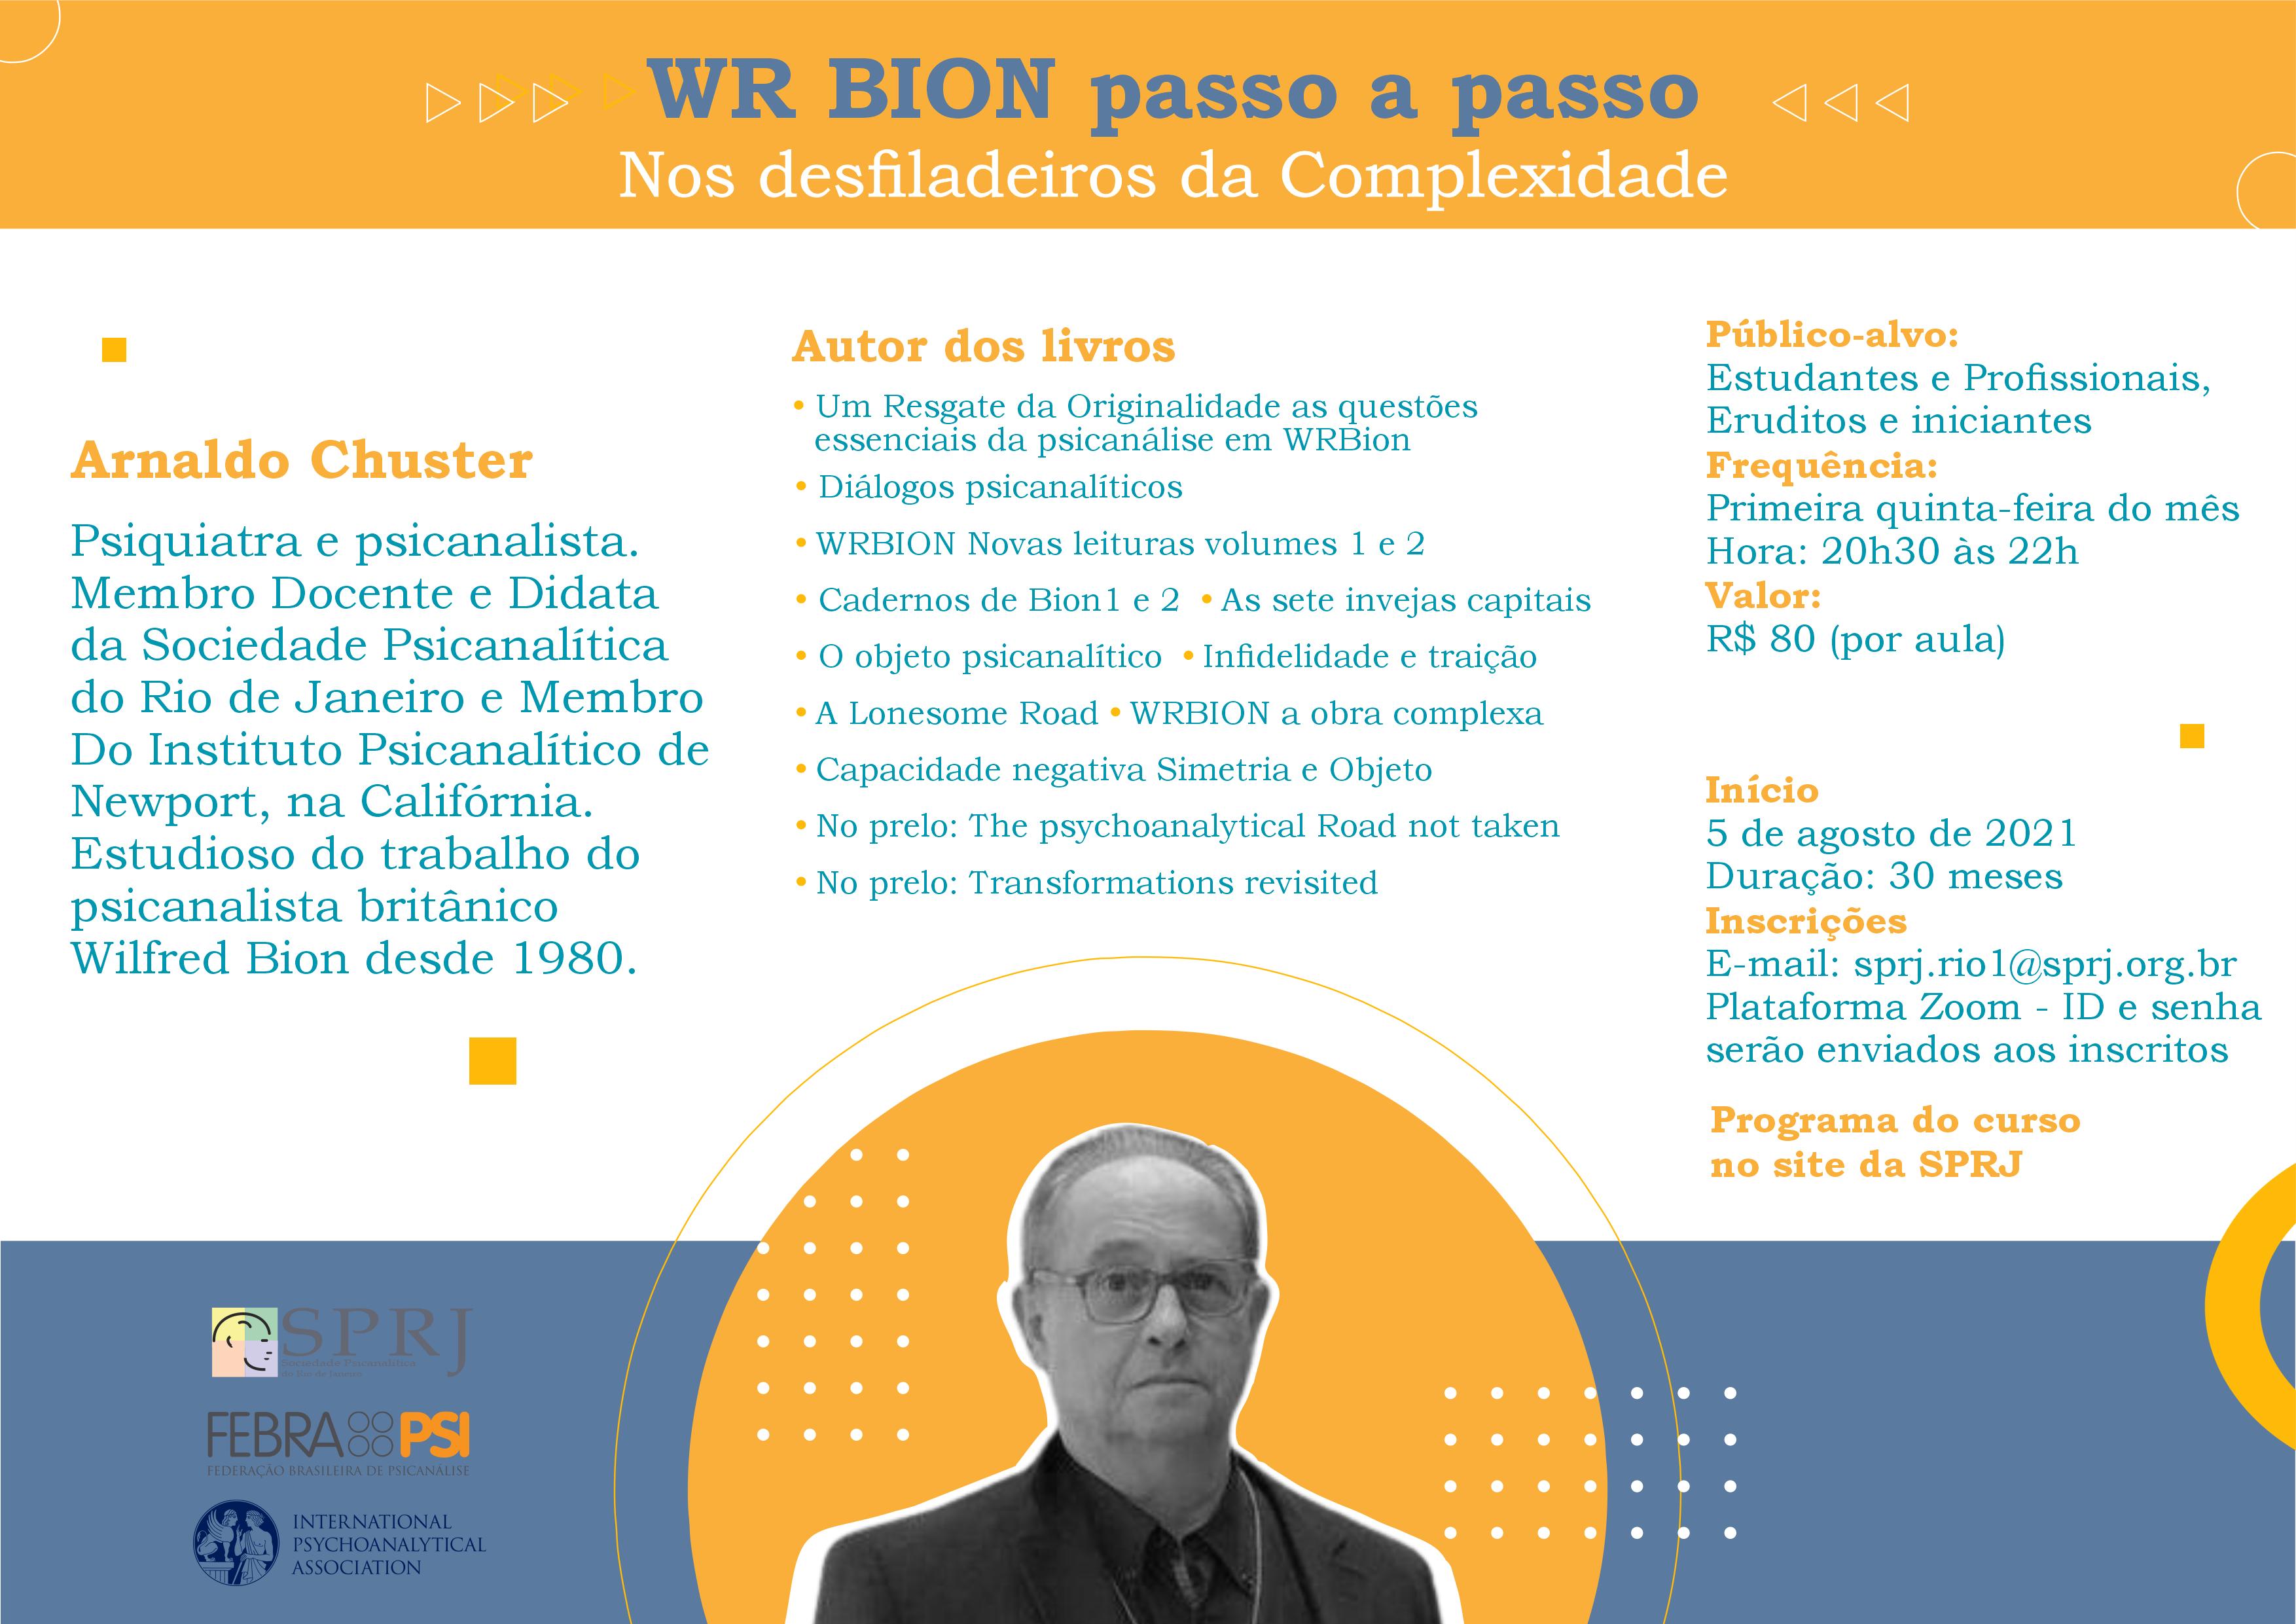 WR Bion Passo a Passo - Nos desfiladeiros da Complexidade @ on-line